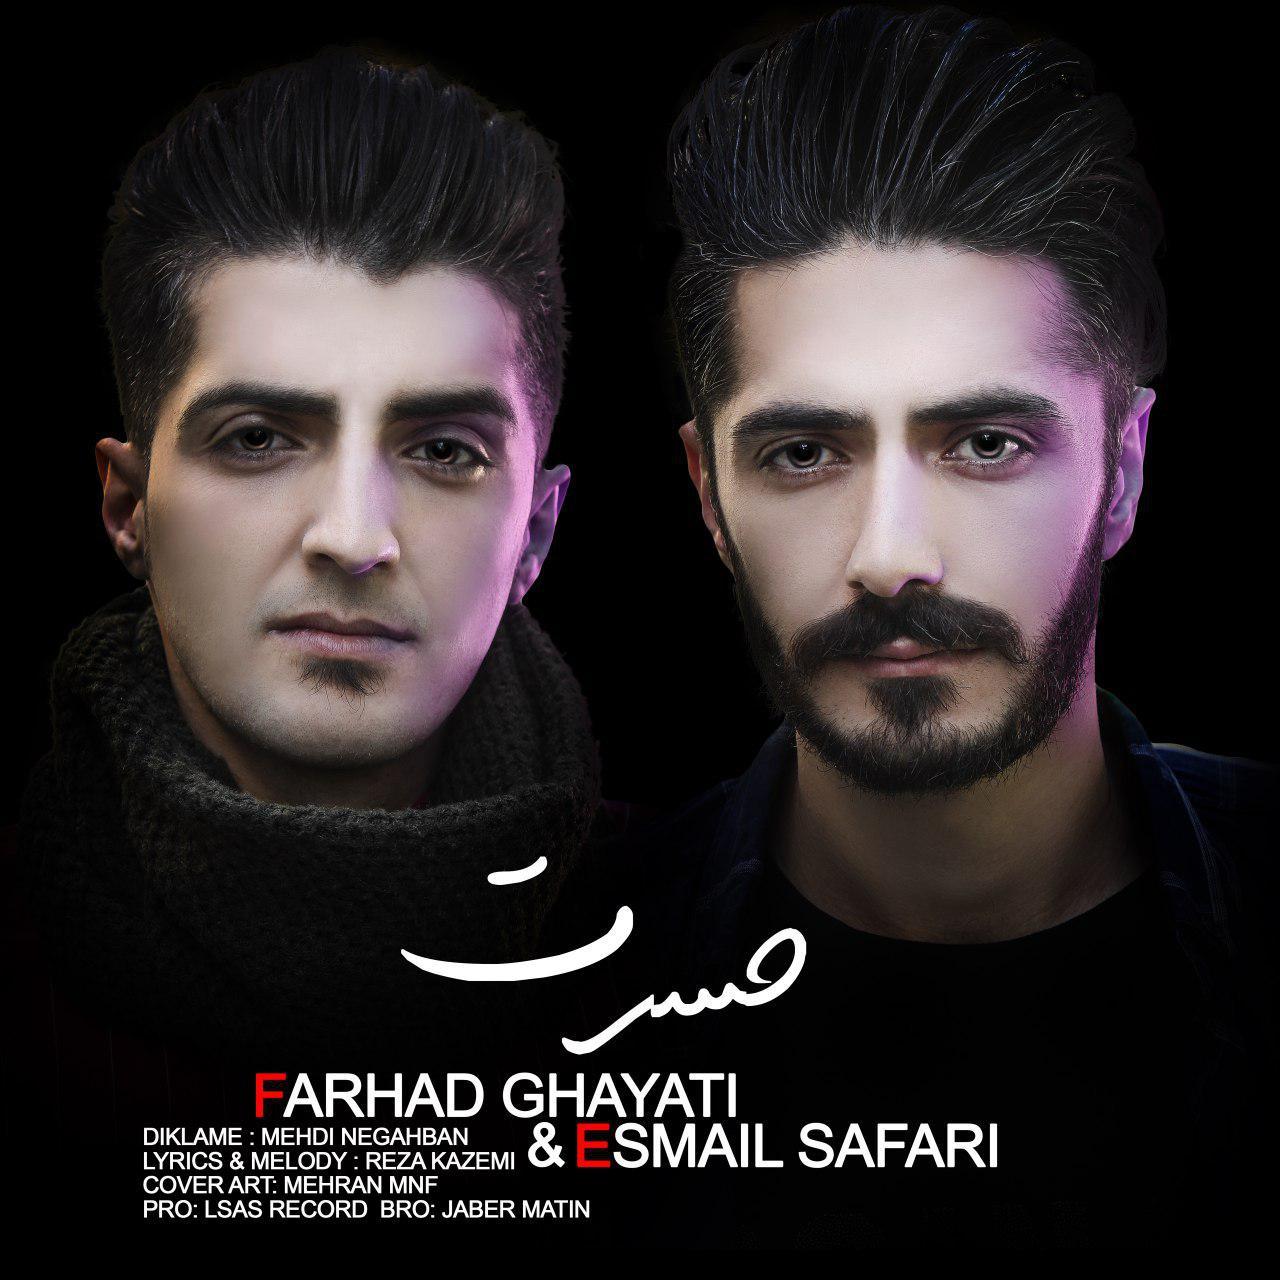 http://s9.picofile.com/file/8343273476/05Farhad_Ghayati_Ft_Esmail_Safari_Hasrat.jpg